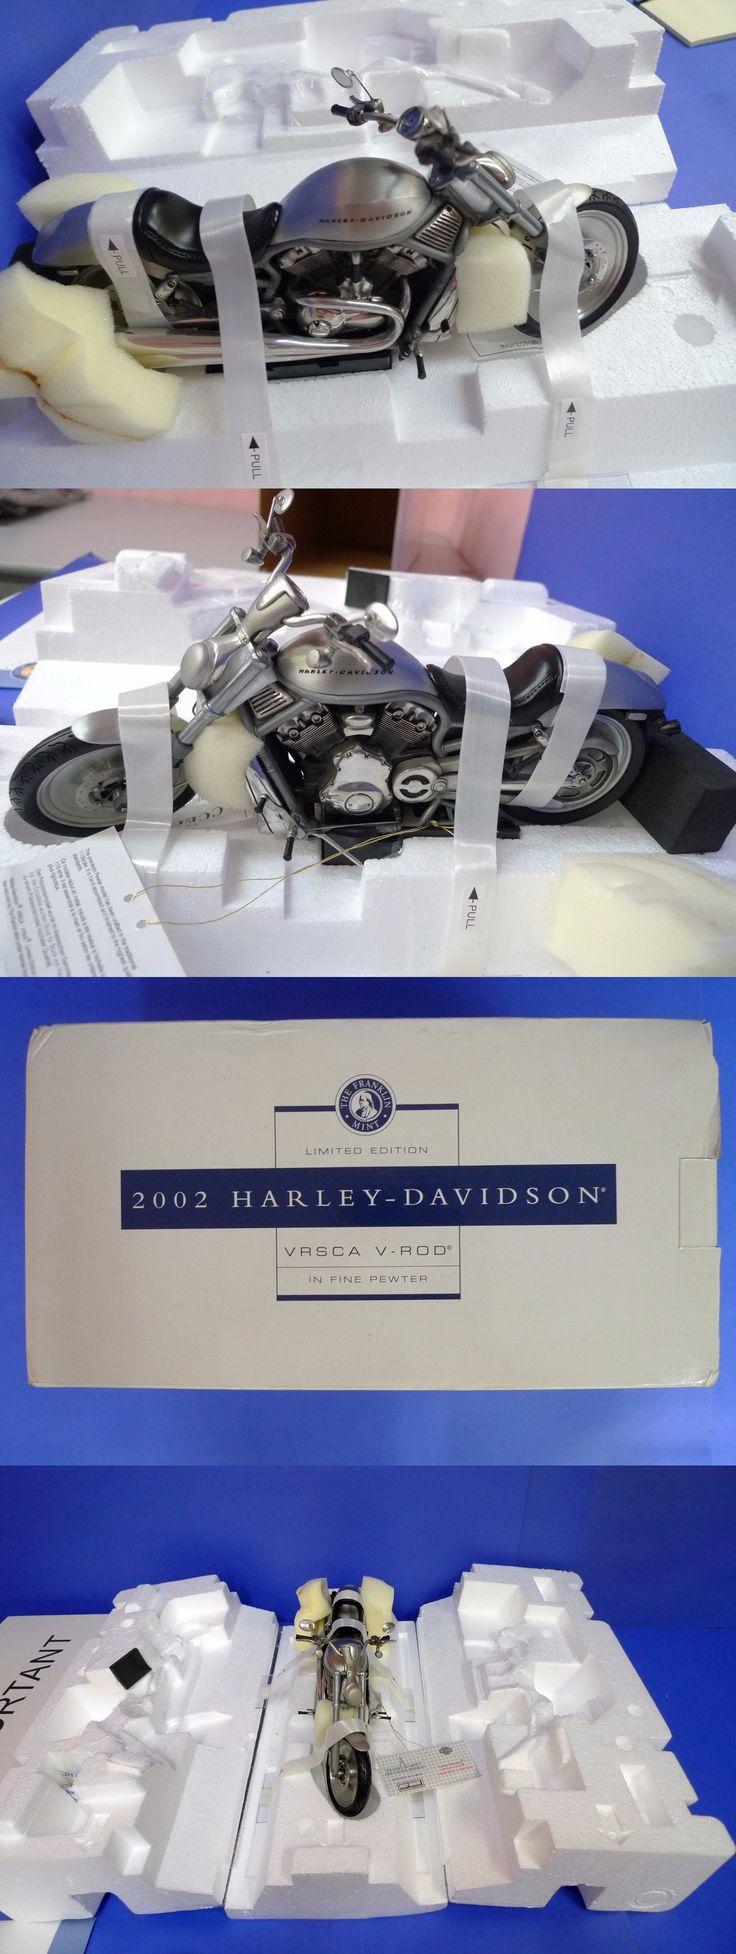 Contemporary manufacture 45348 franklin mint harley davidson 2002 vrsca v rod 1 10